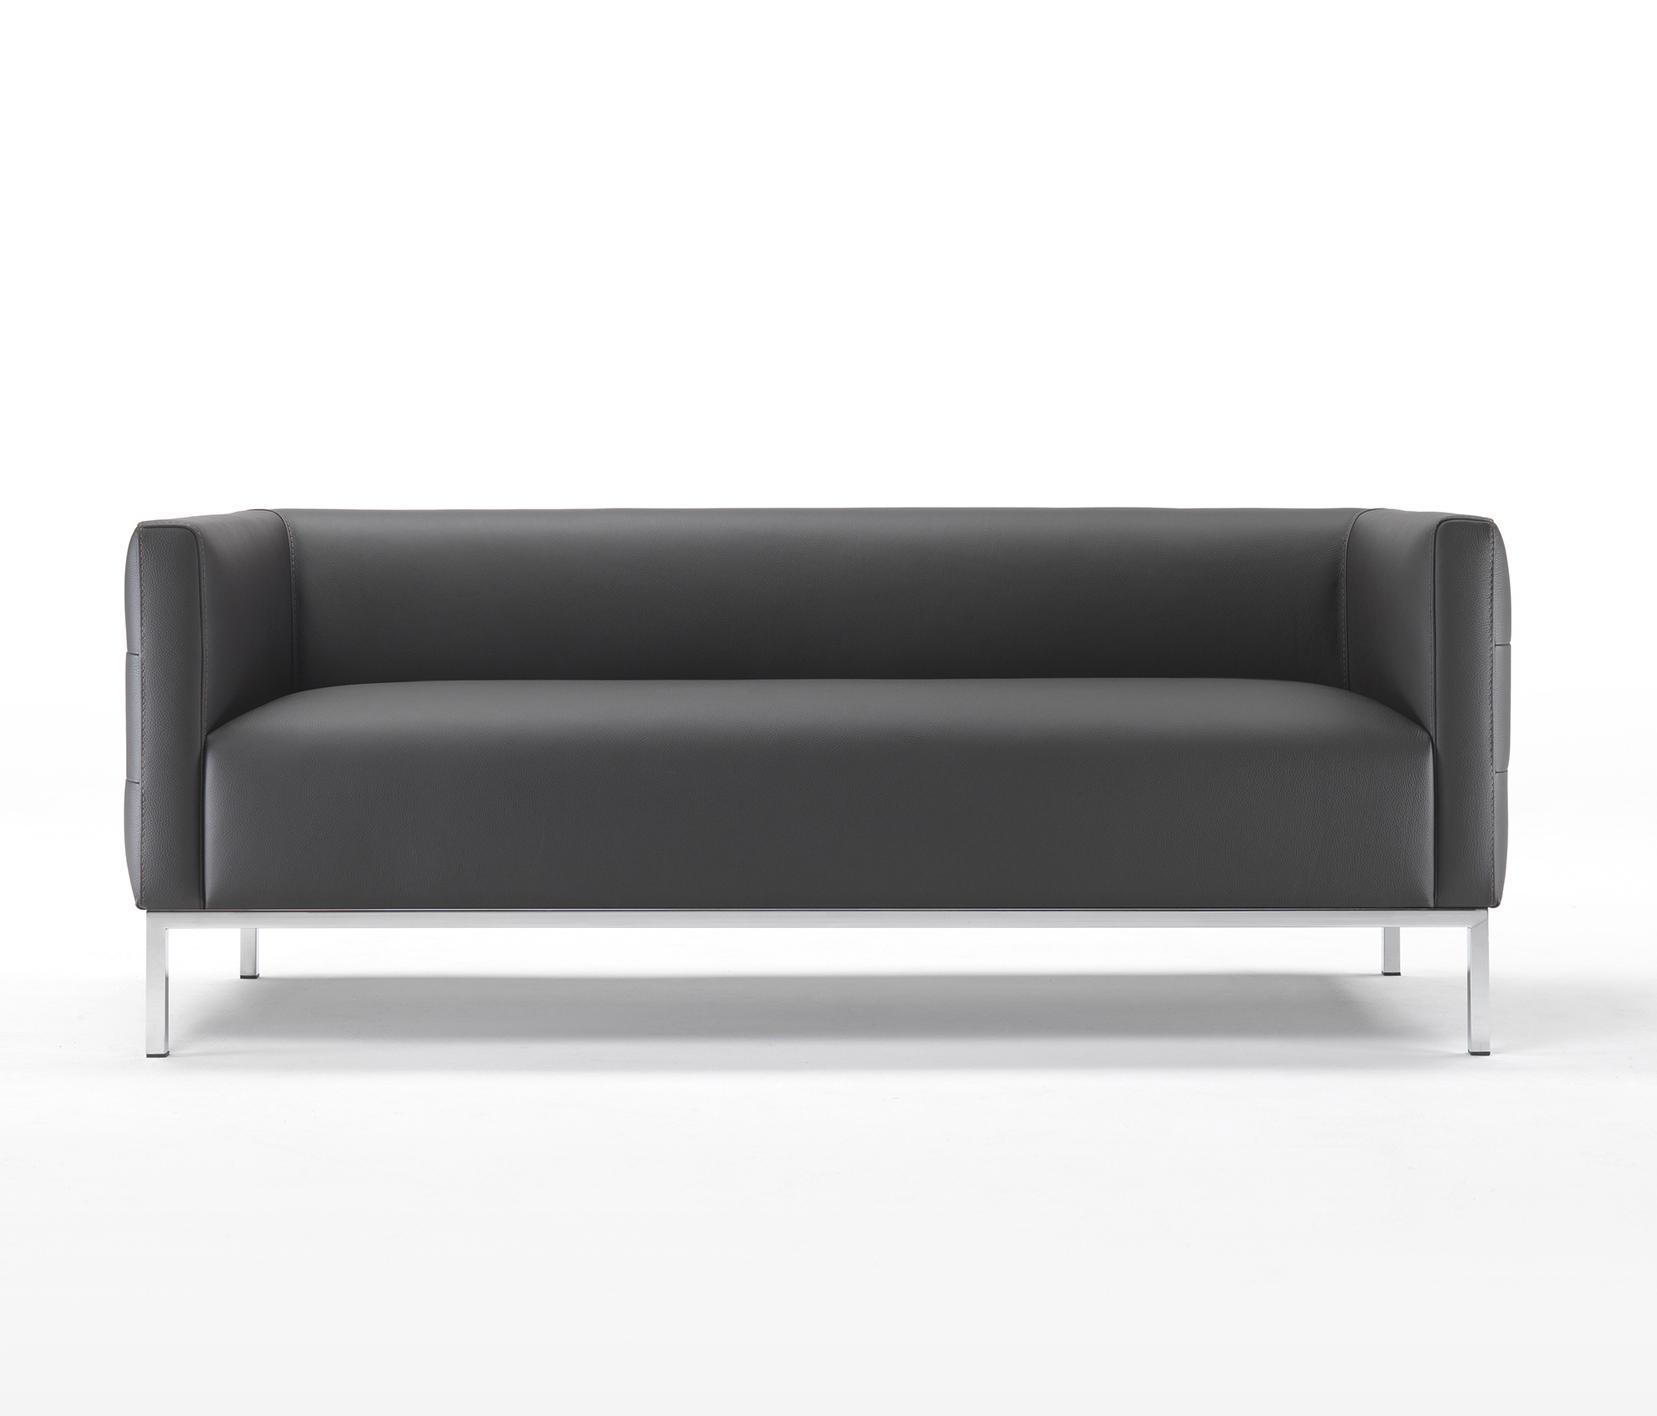 prestige s sofa sofas von marelli architonic. Black Bedroom Furniture Sets. Home Design Ideas